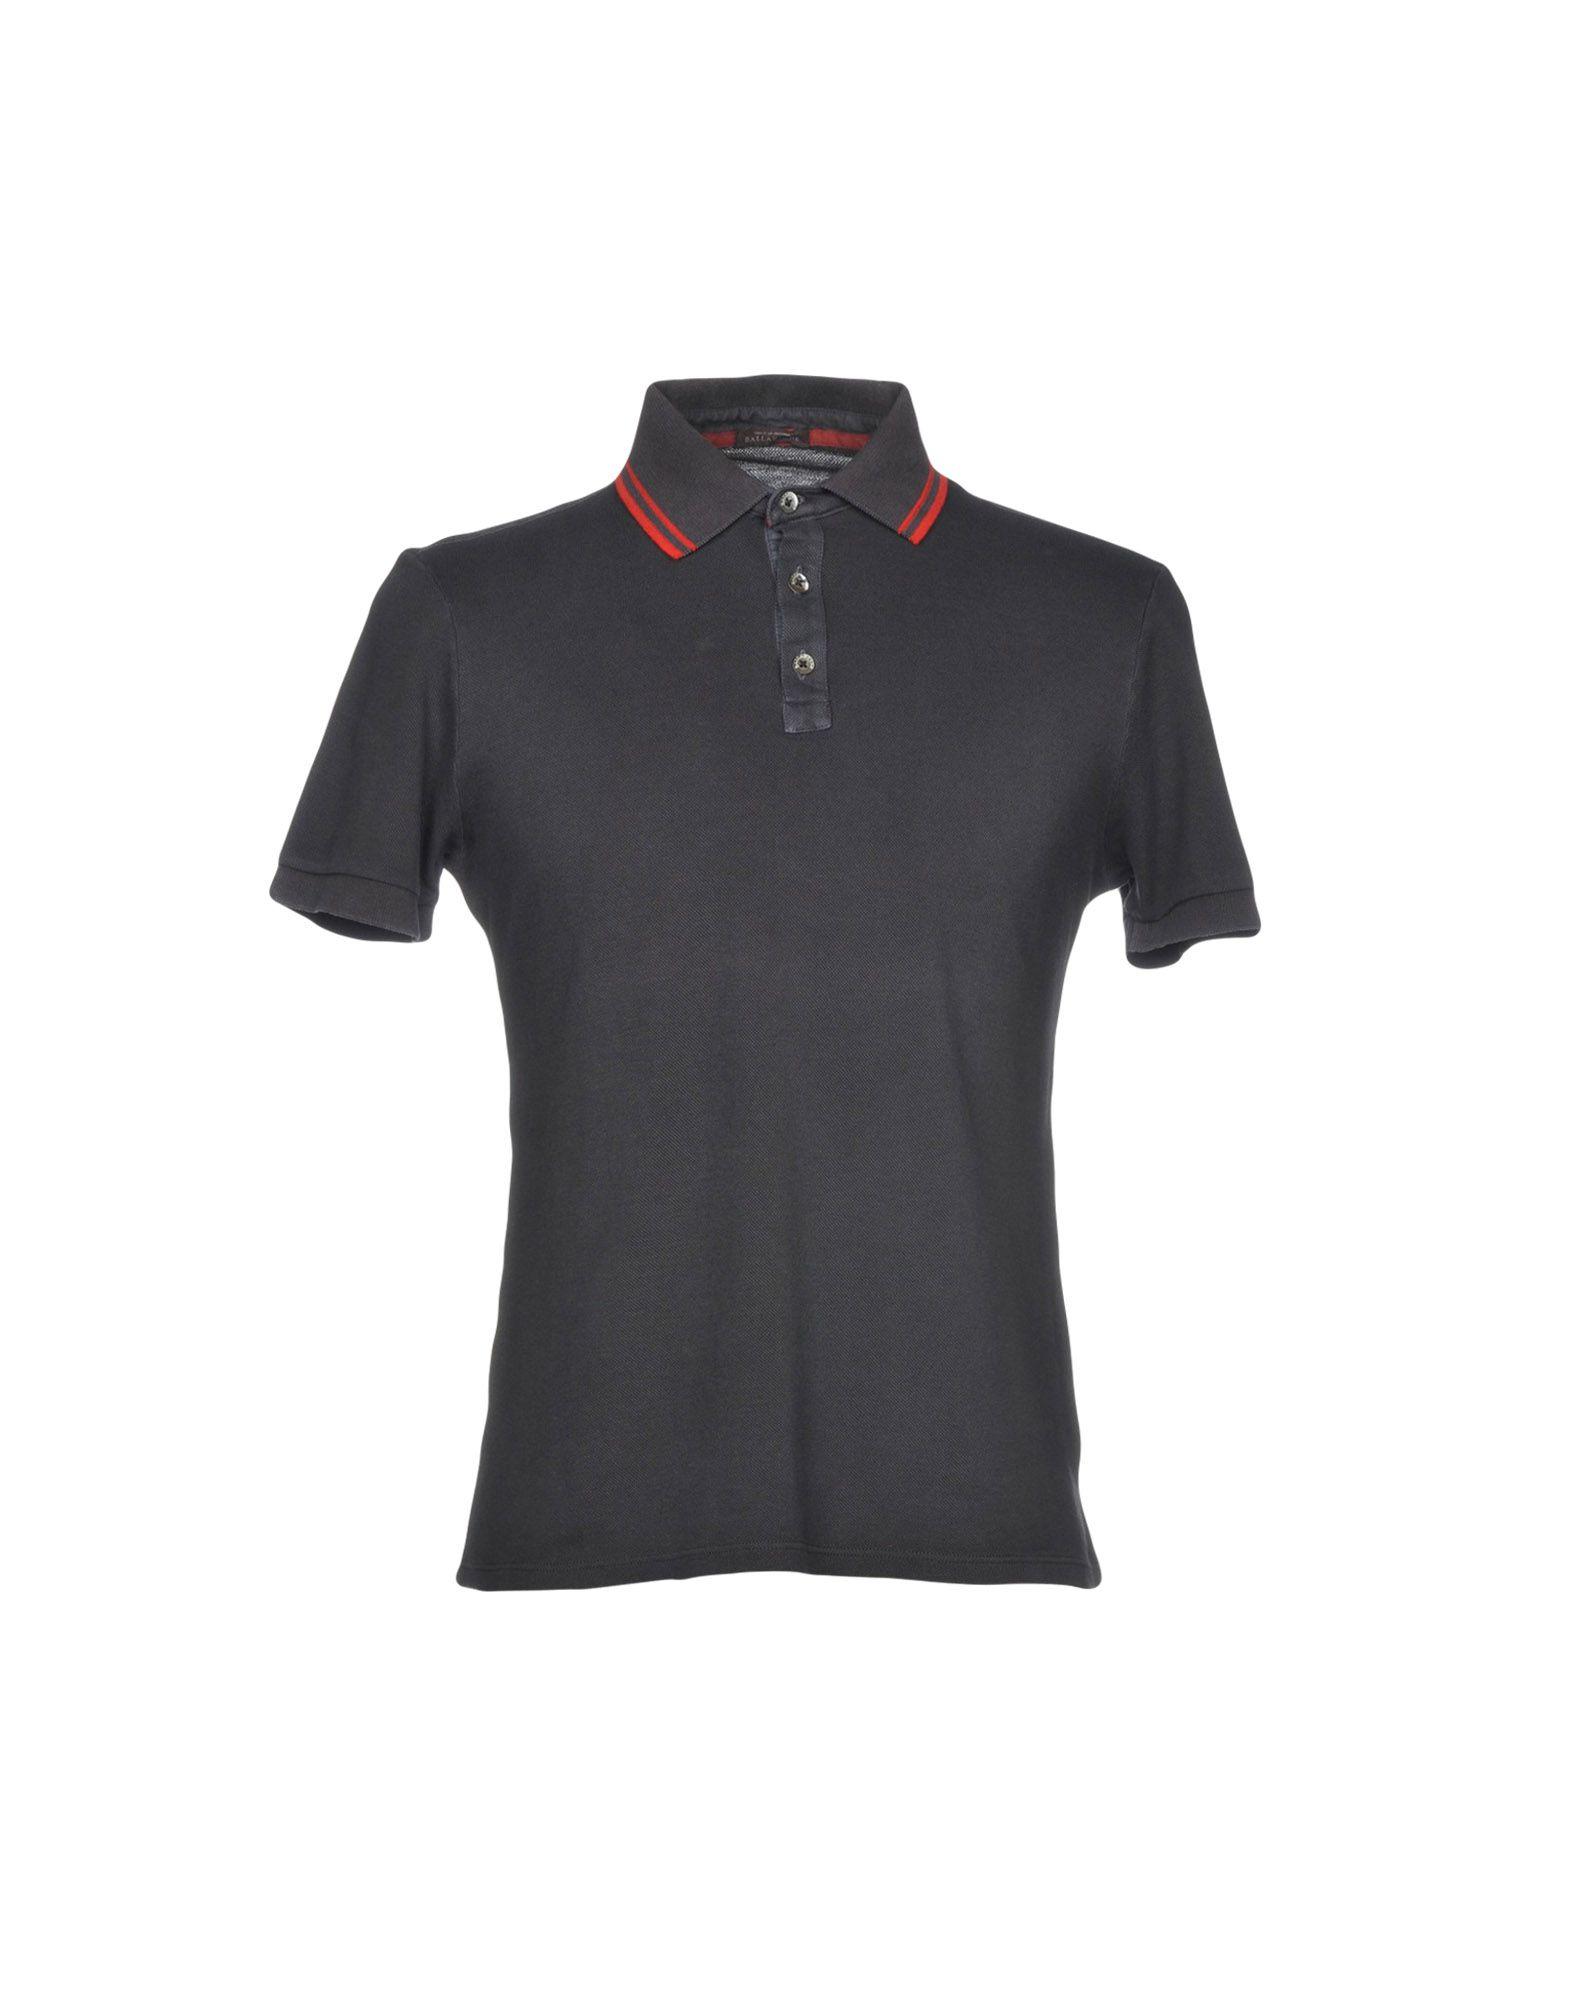 《送料無料》BALLANTYNE メンズ ポロシャツ ダークパープル M コットン 100%